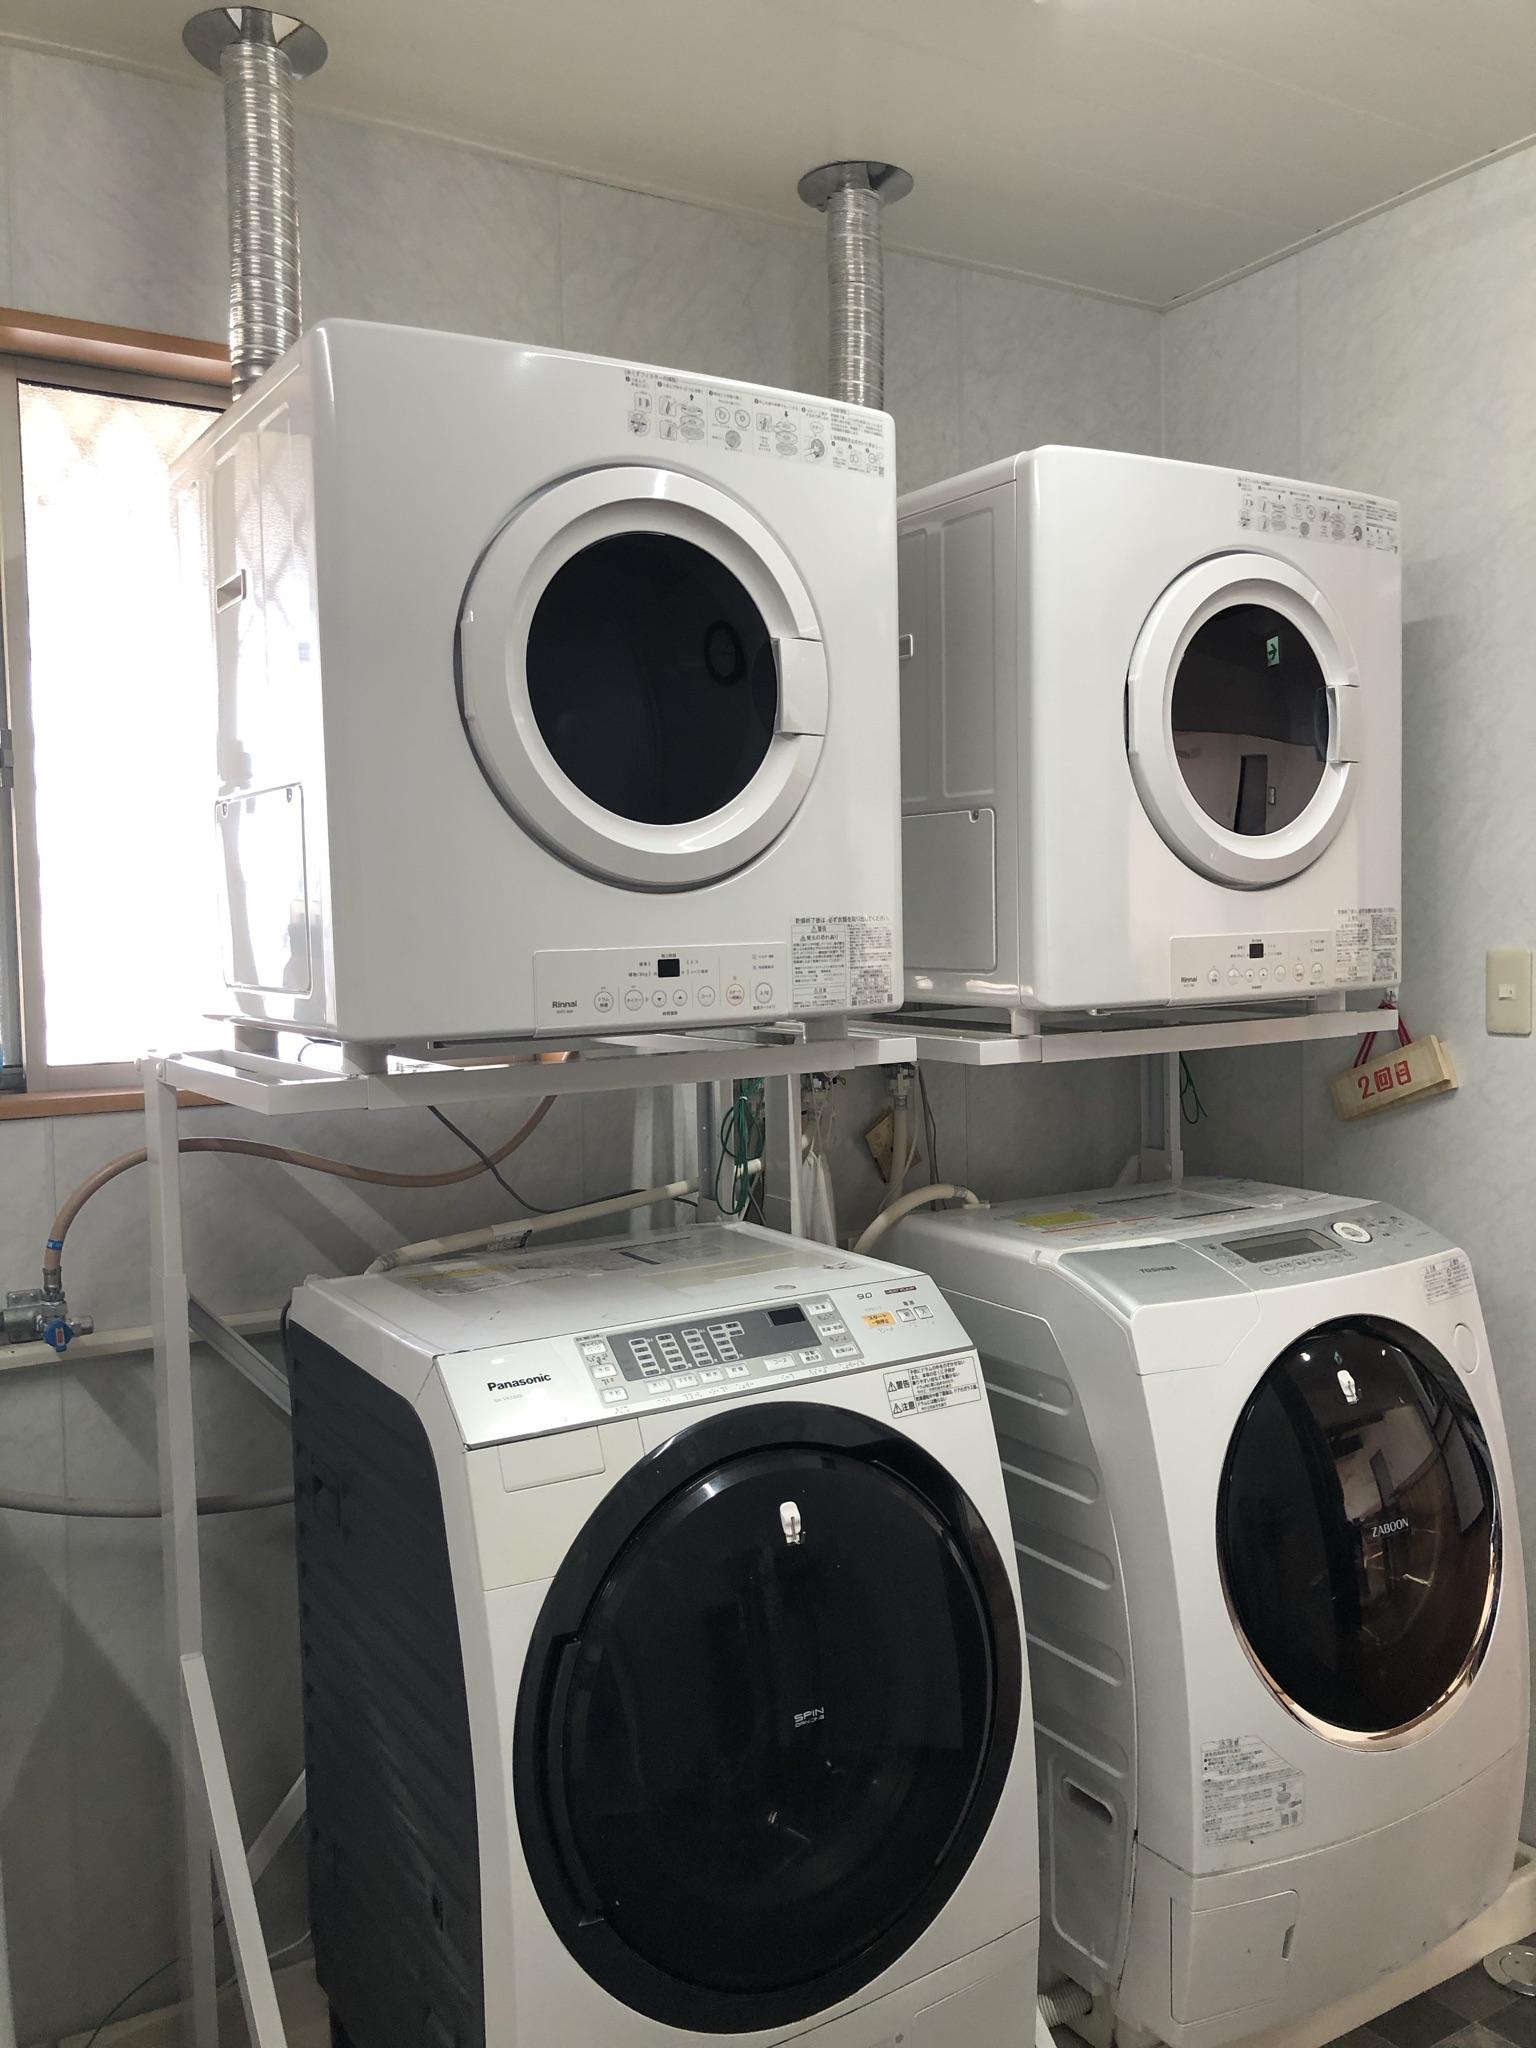 """リンナイ ガス衣類乾燥機「乾太くん」で洗濯業務も""""カラッと解決""""ラクラク時短♬ ガス乾燥でふわふわの仕上がり!"""